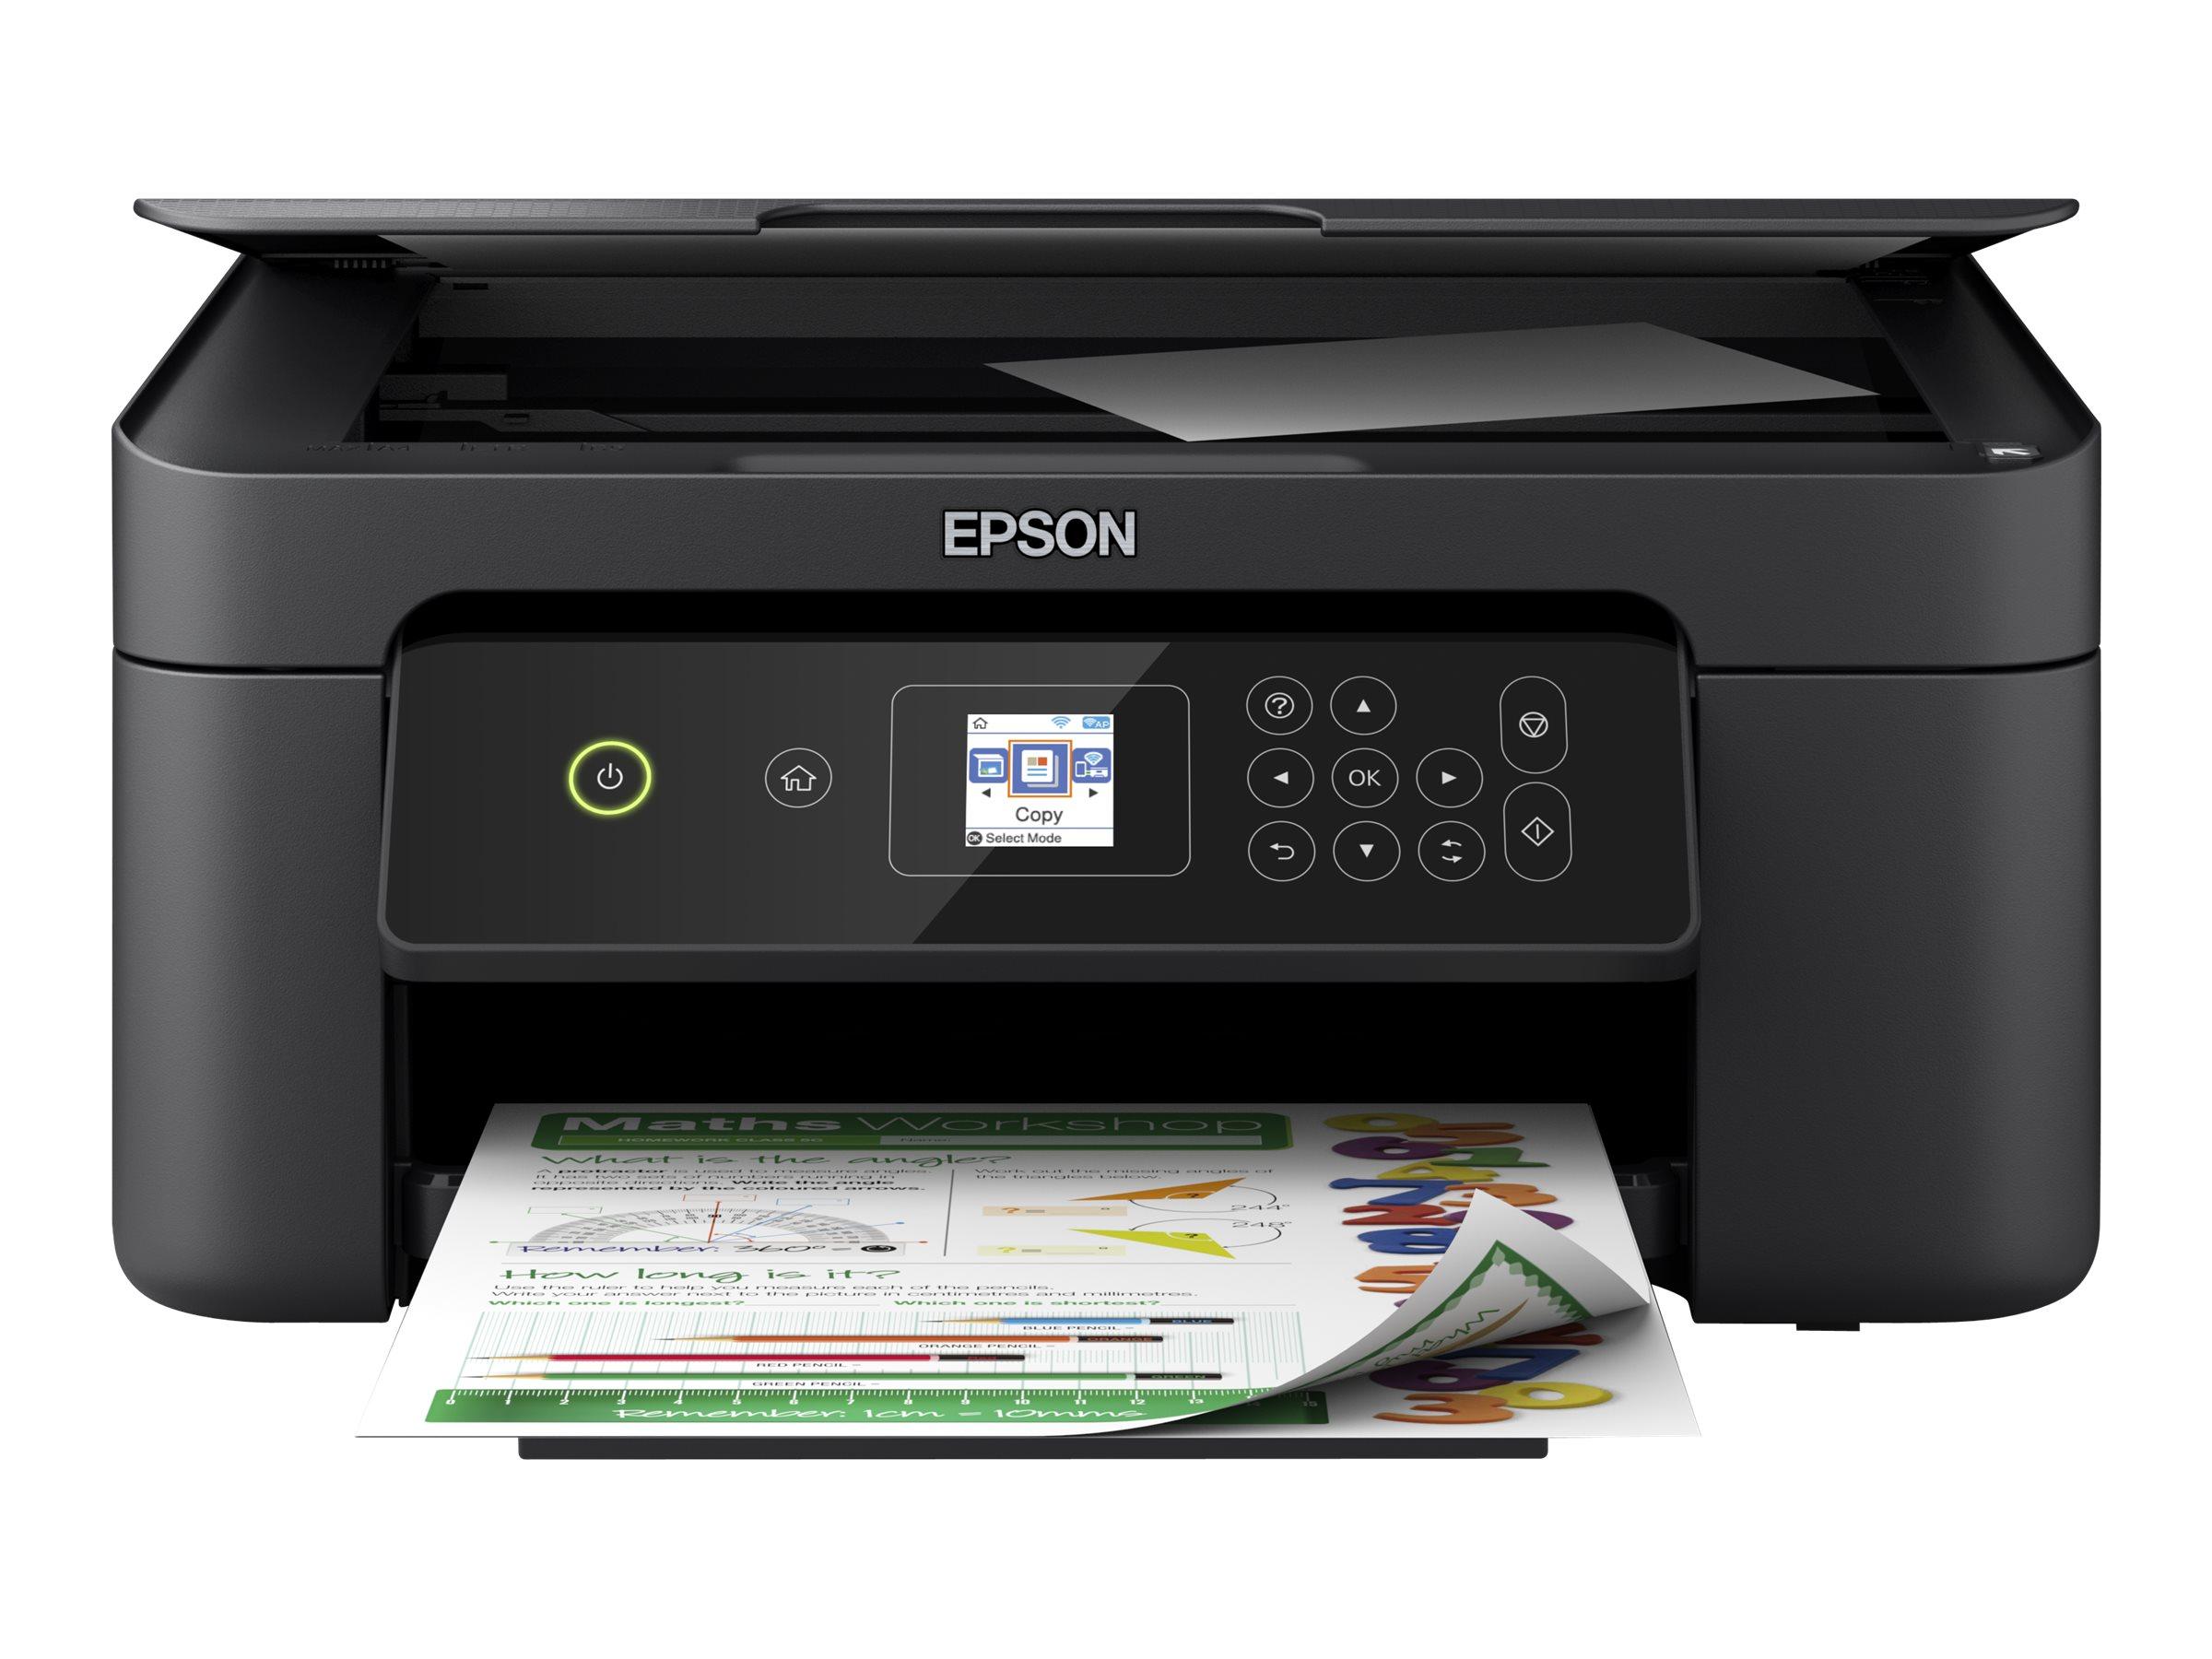 Epson Expression Home XP-3100 - Multifunktionsdrucker - Farbe - Tintenstrahl - A4/Legal (Medien) - bis zu 33 Seiten/Min. (Drucke